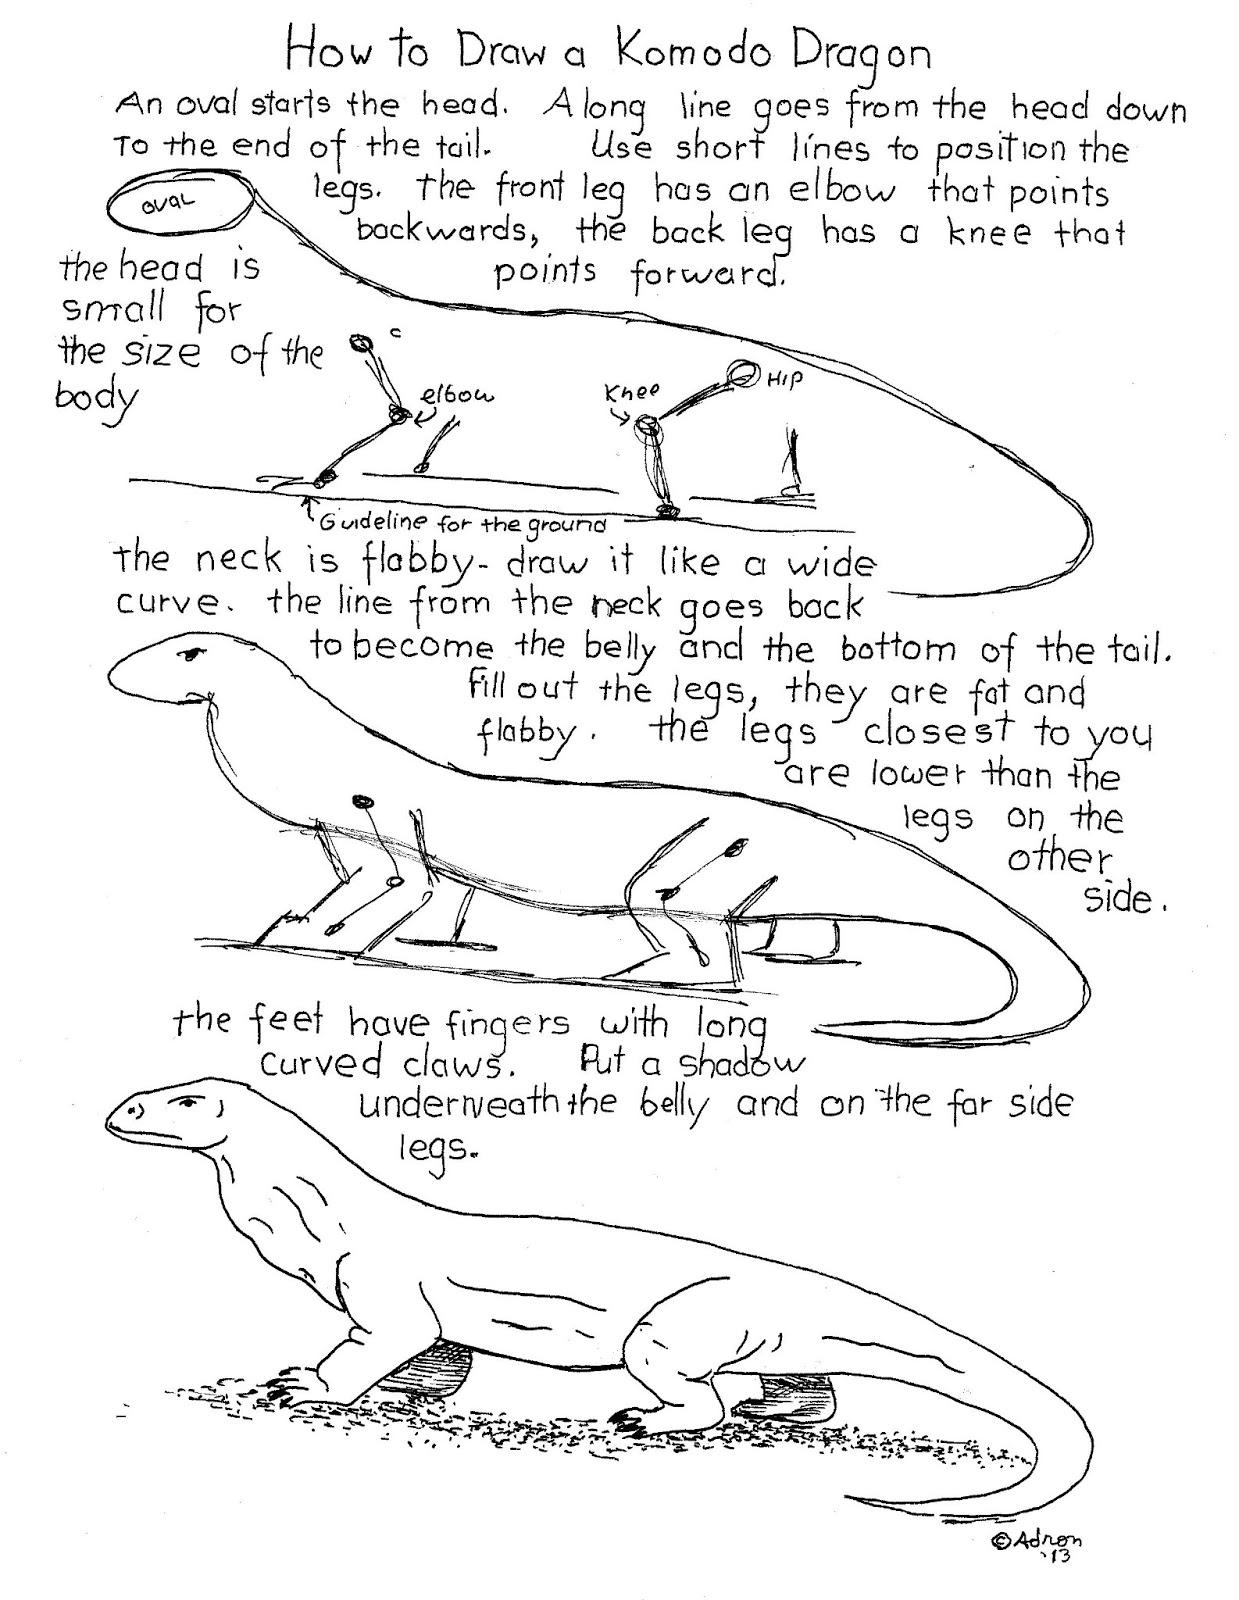 How To Draw A Komodo Dragon Head.